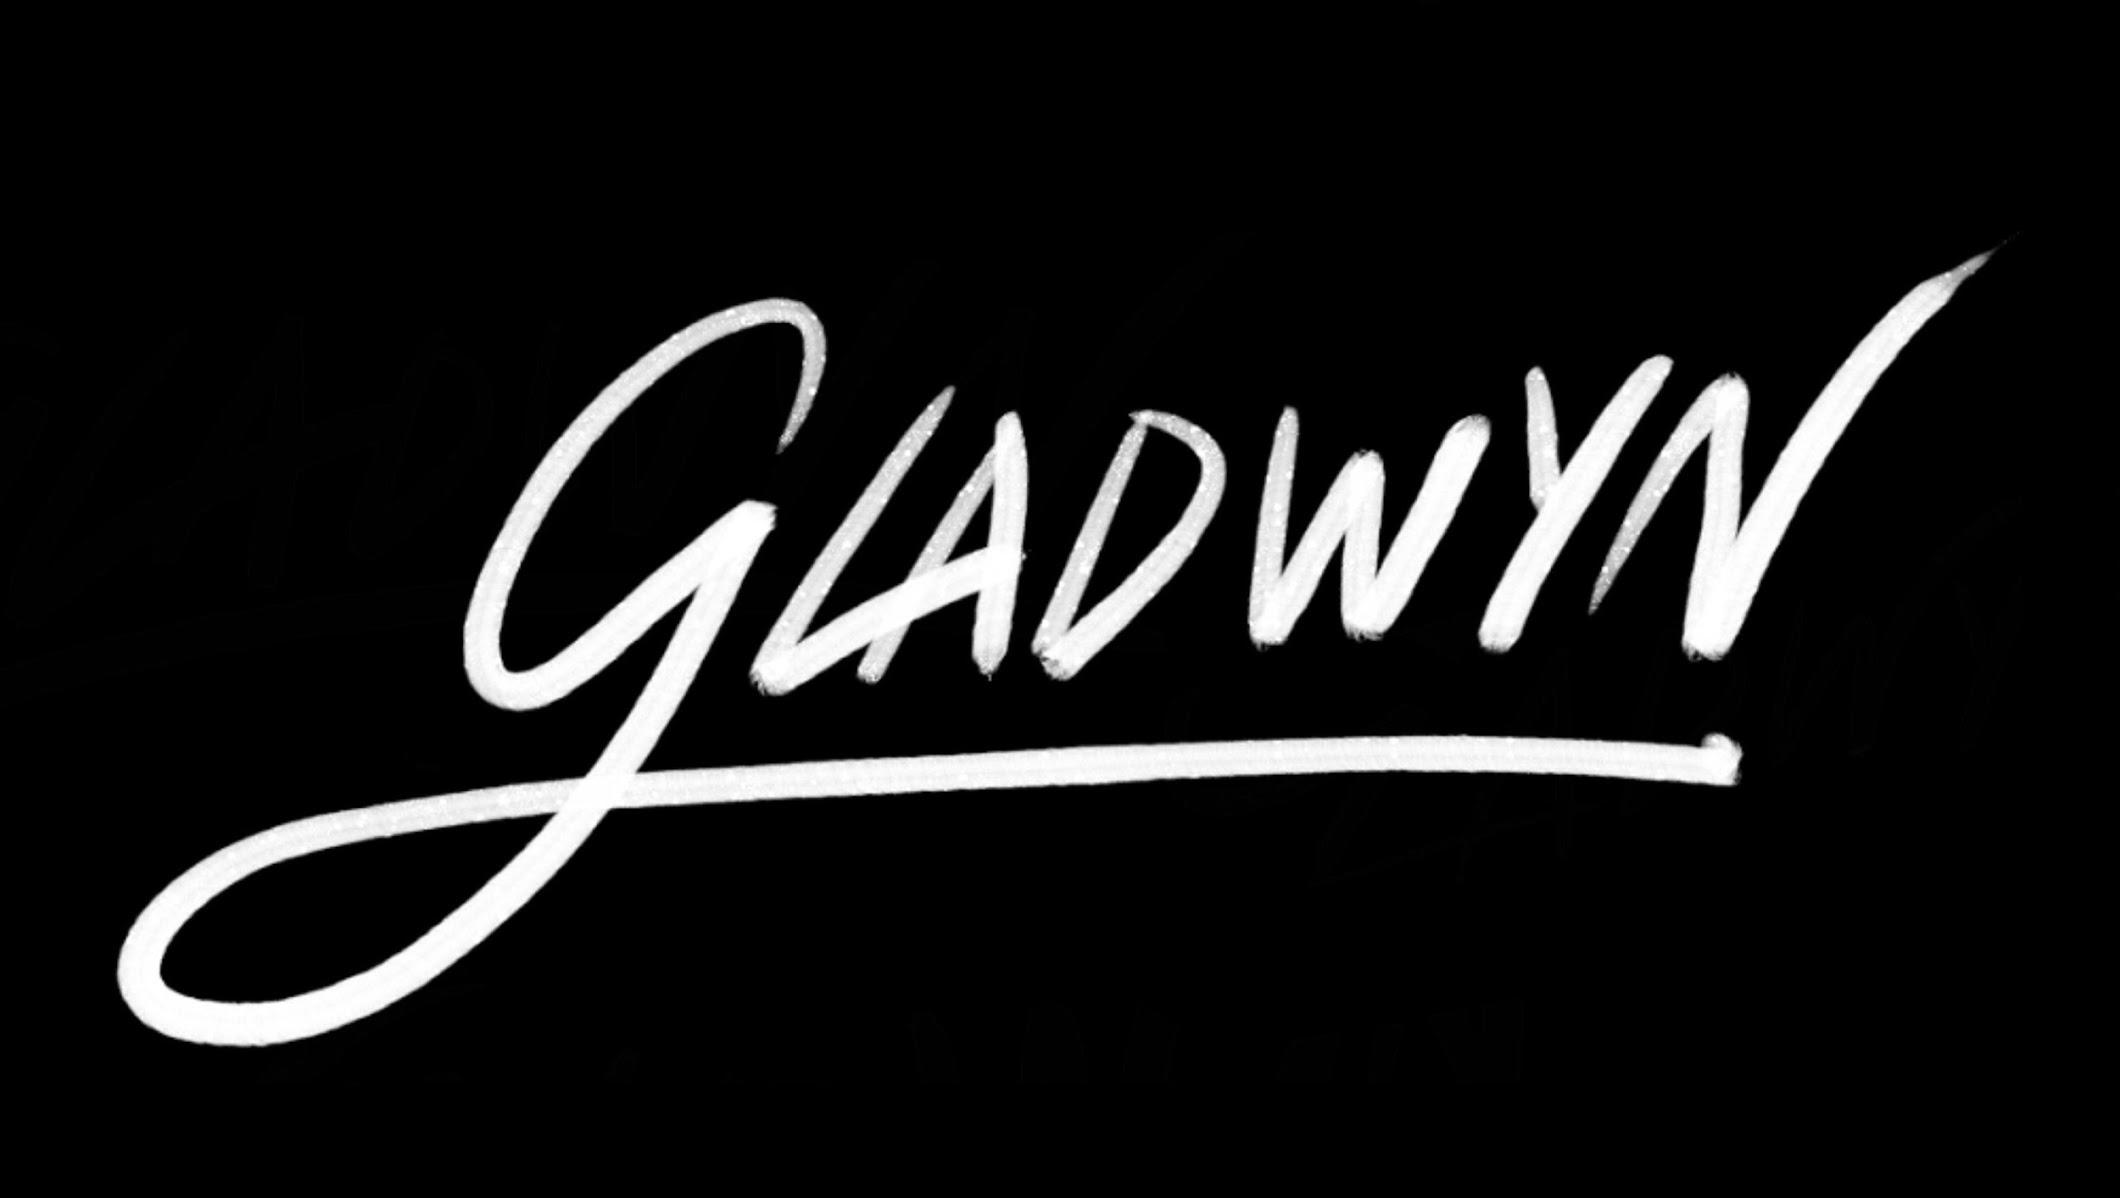 Gladwyn Graham